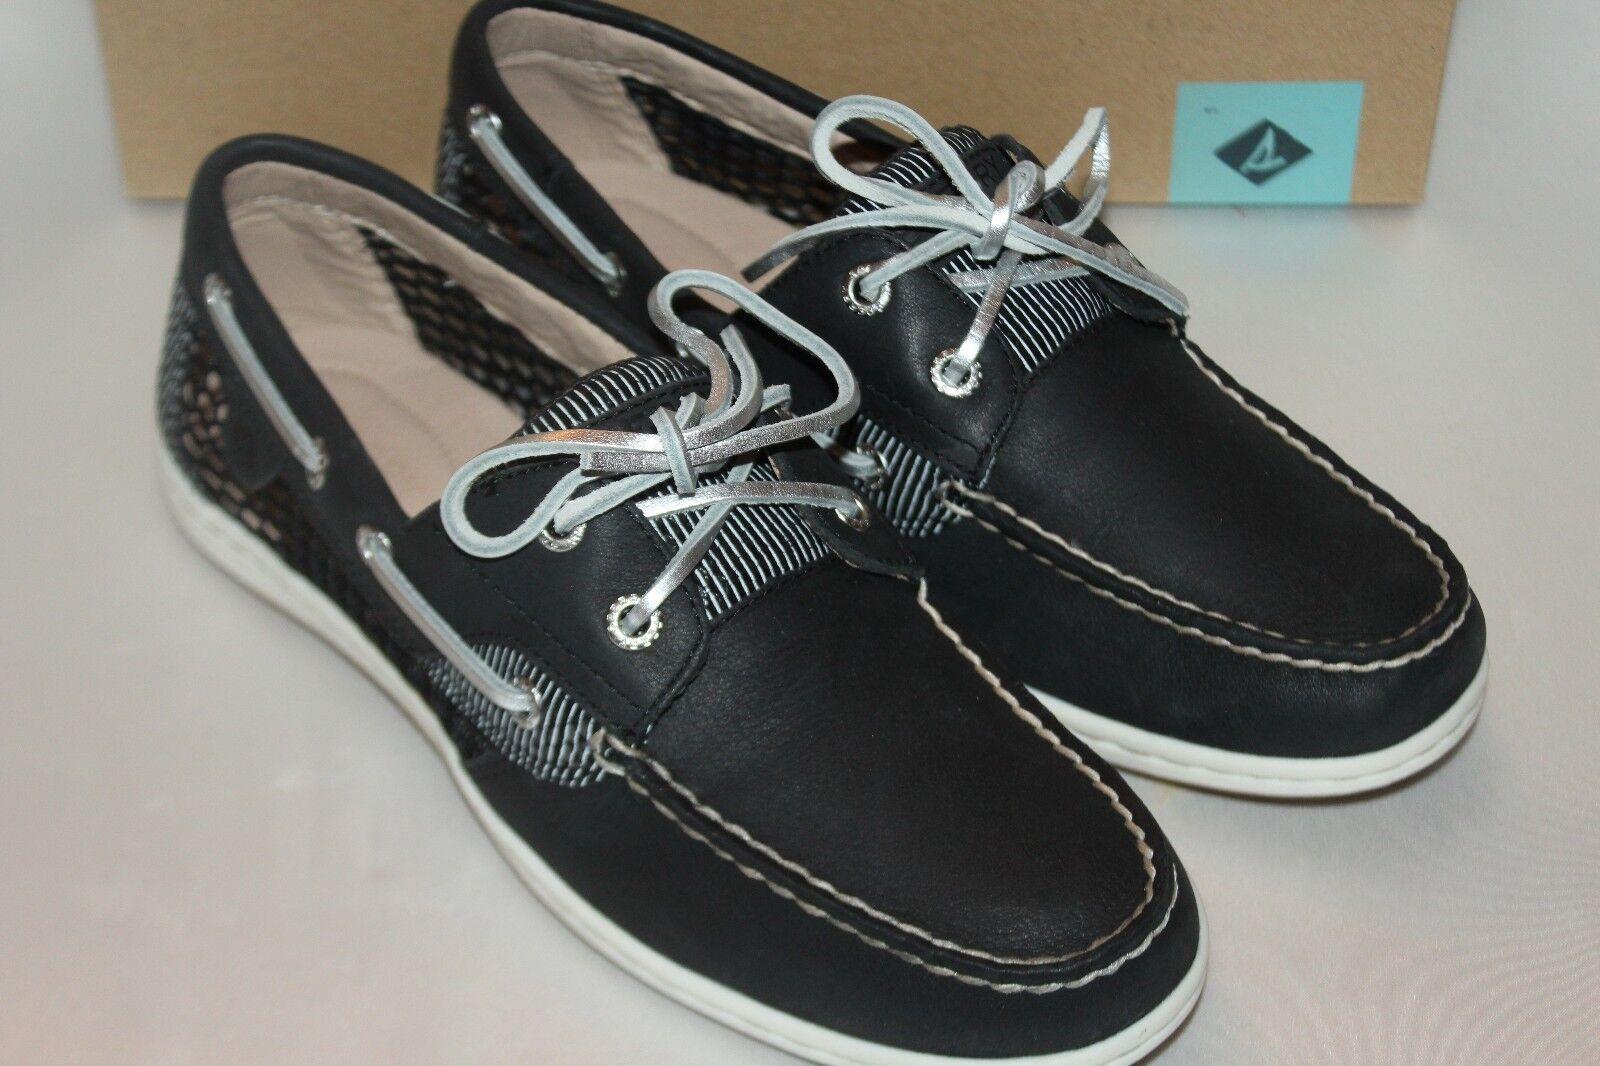 nouveau!nib!sperry haut sider koifish noir maille en cuir noir koifish des chaussures de bateau sz 6 8.5 9 9.5 0e8c2d